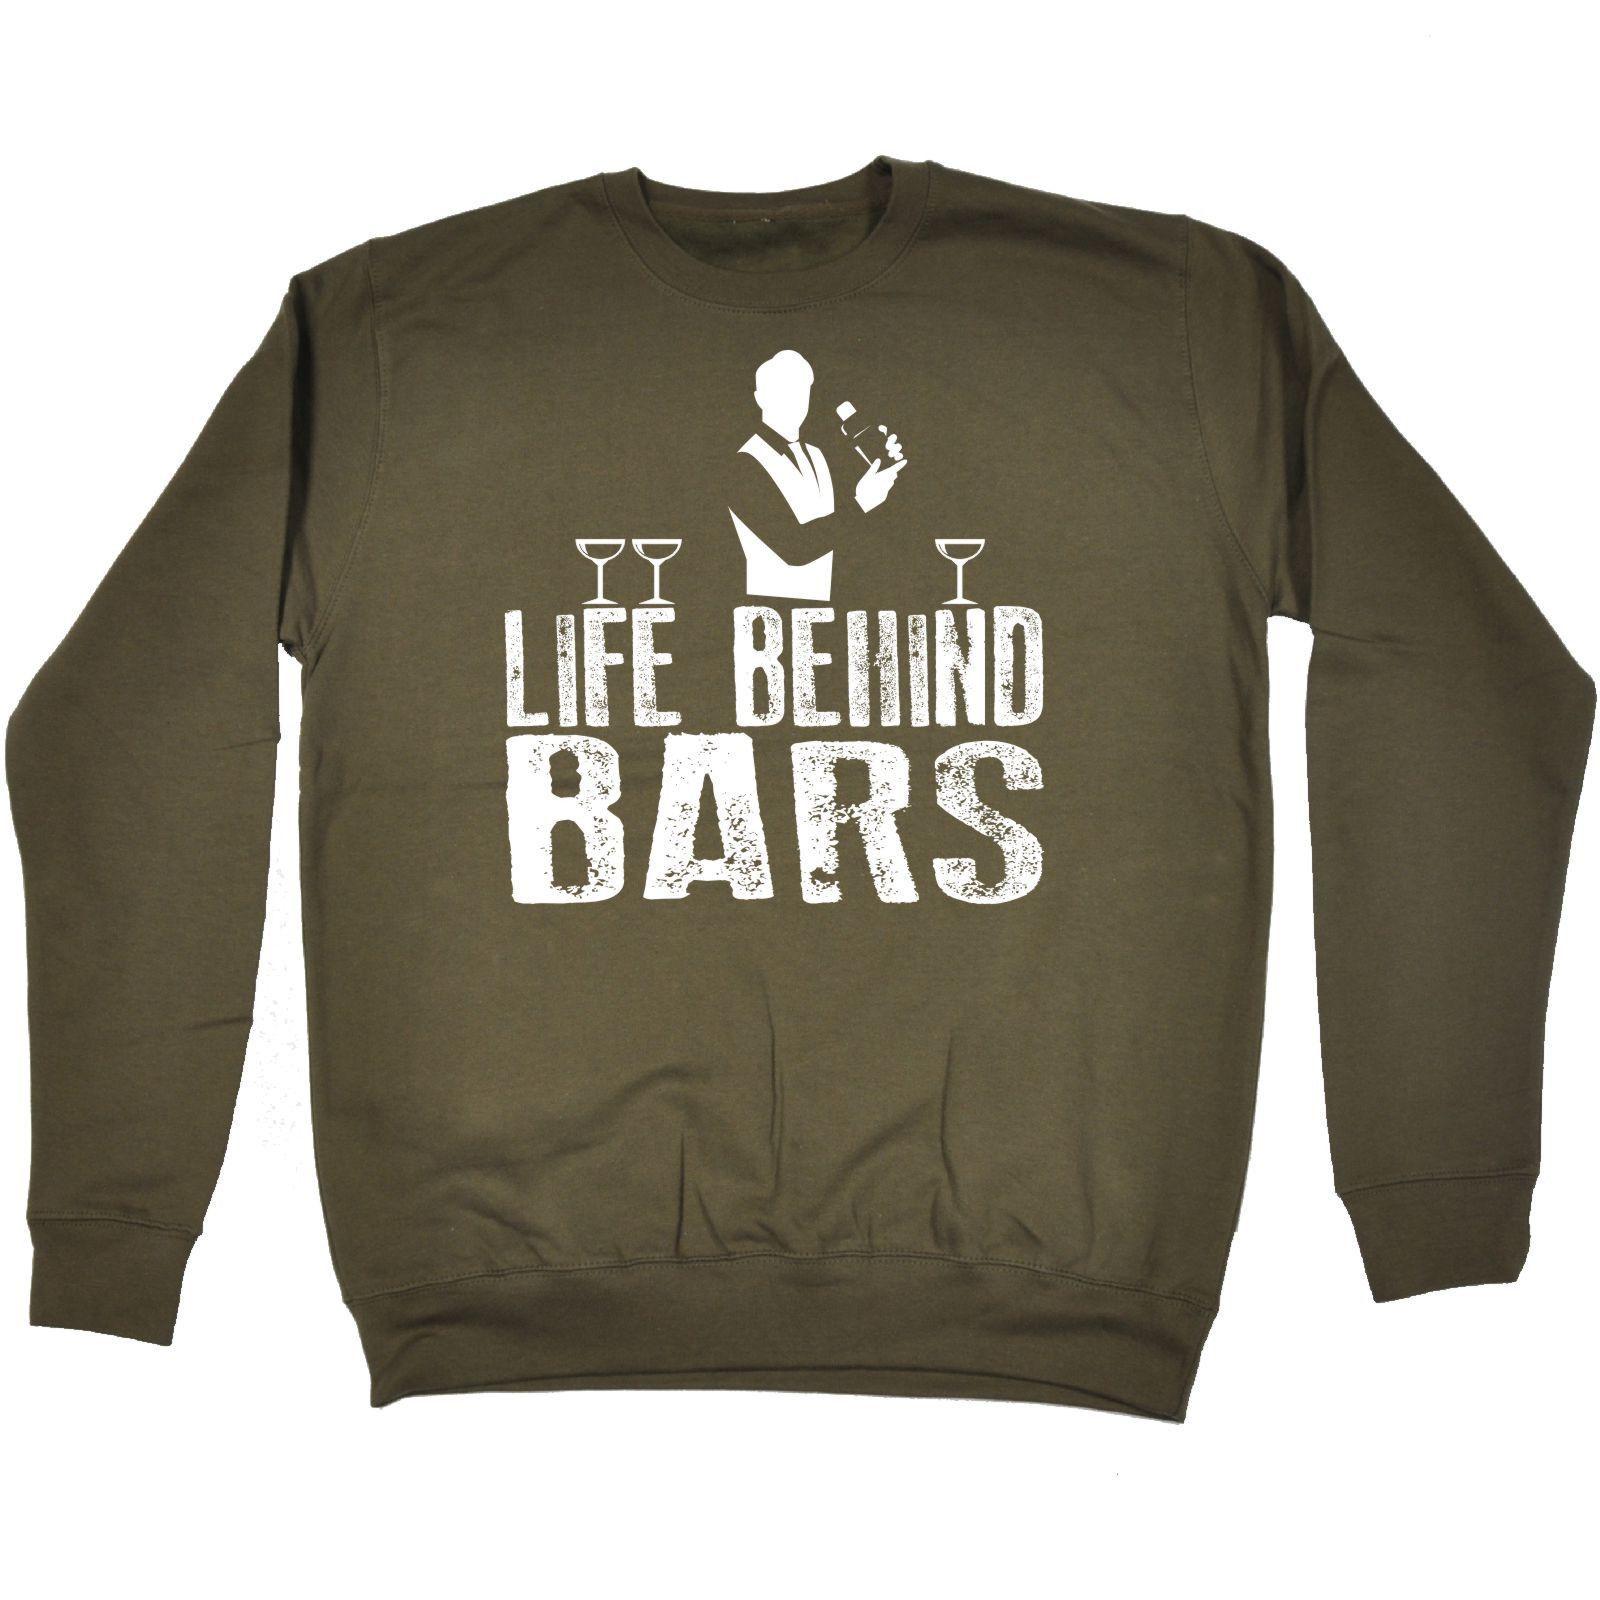 123t USA Life Behind Bars Bartender Funny Sweatshirt